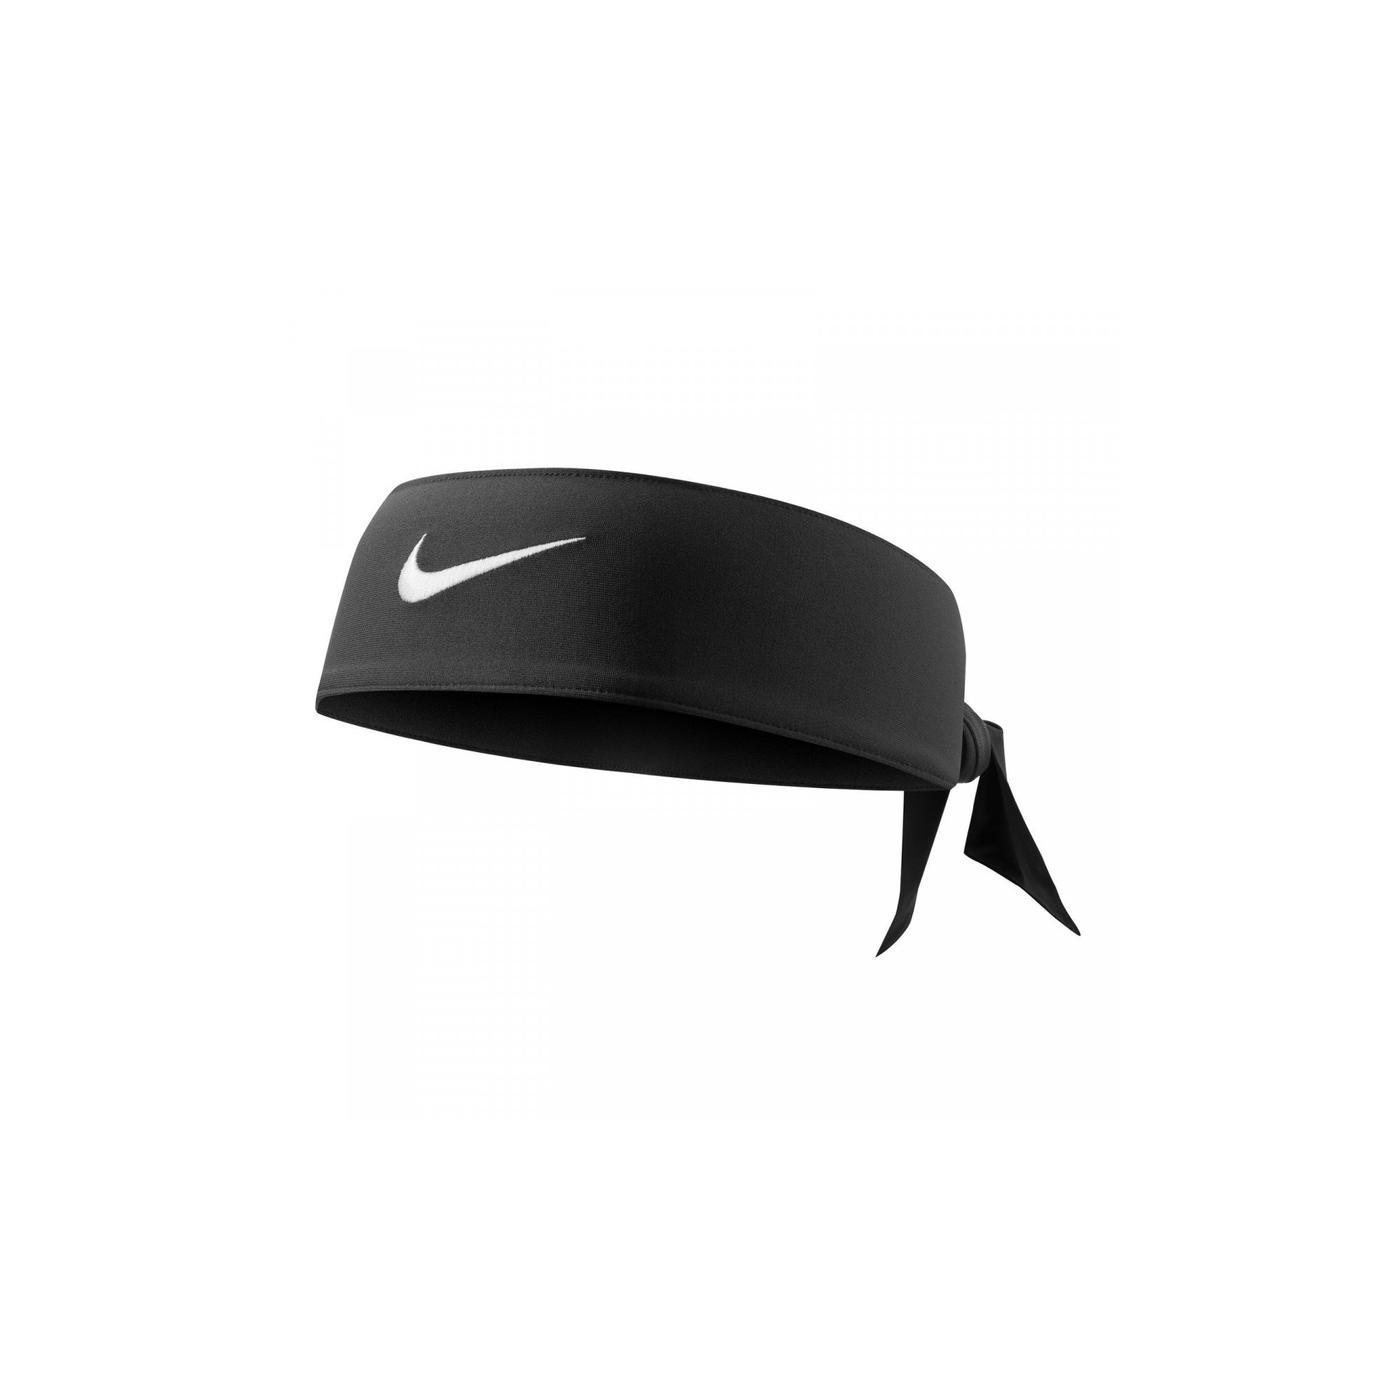 Nike Dri-Fit 3.0 Unisex Siyah Kafa Bandı